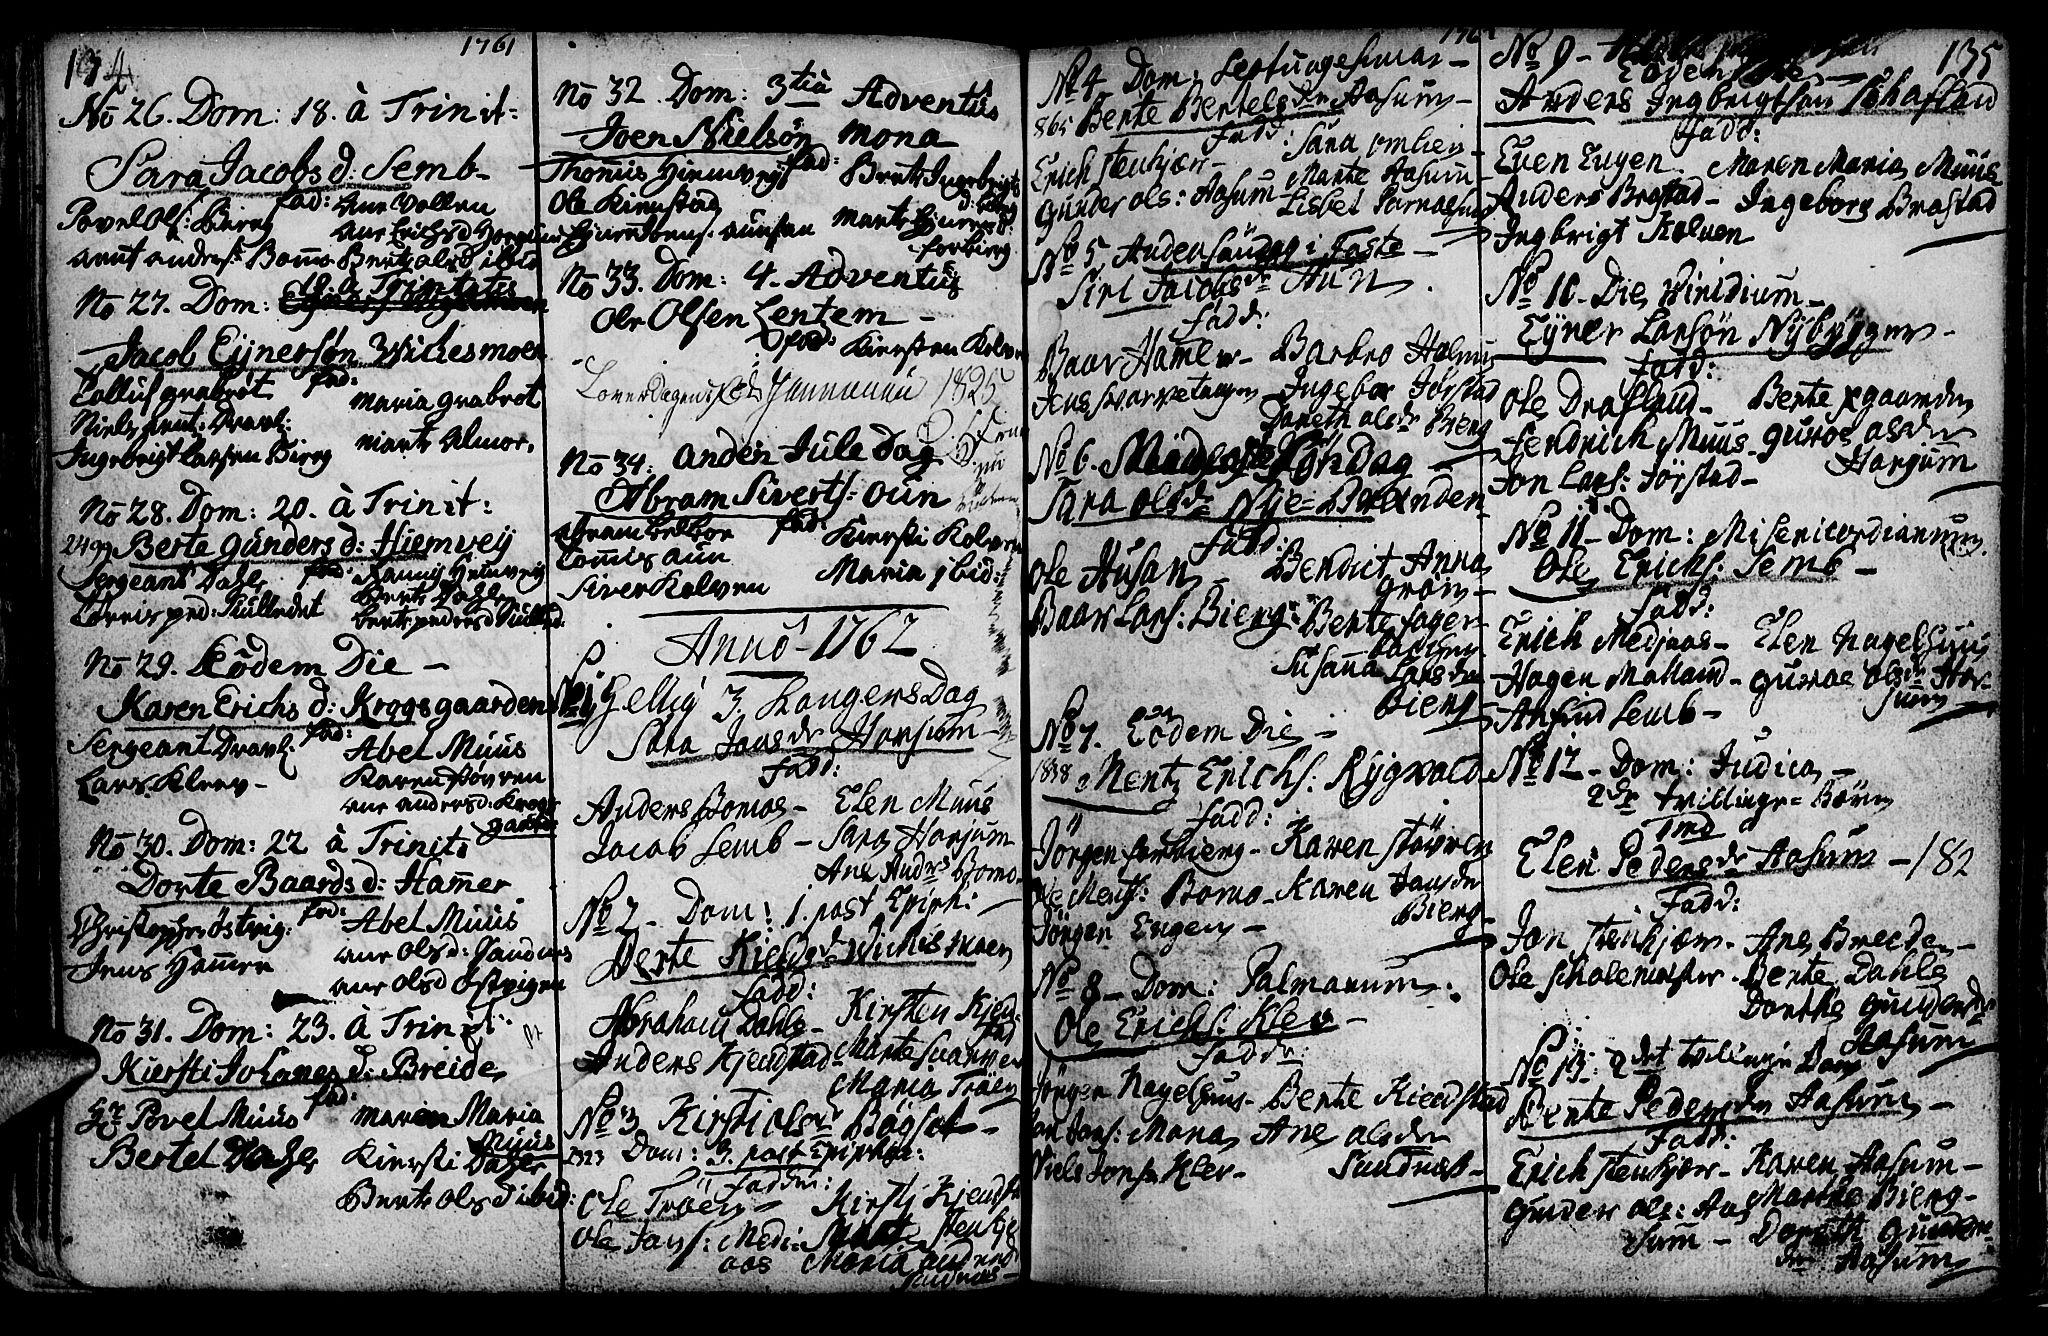 SAT, Ministerialprotokoller, klokkerbøker og fødselsregistre - Nord-Trøndelag, 749/L0467: Ministerialbok nr. 749A01, 1733-1787, s. 134-135